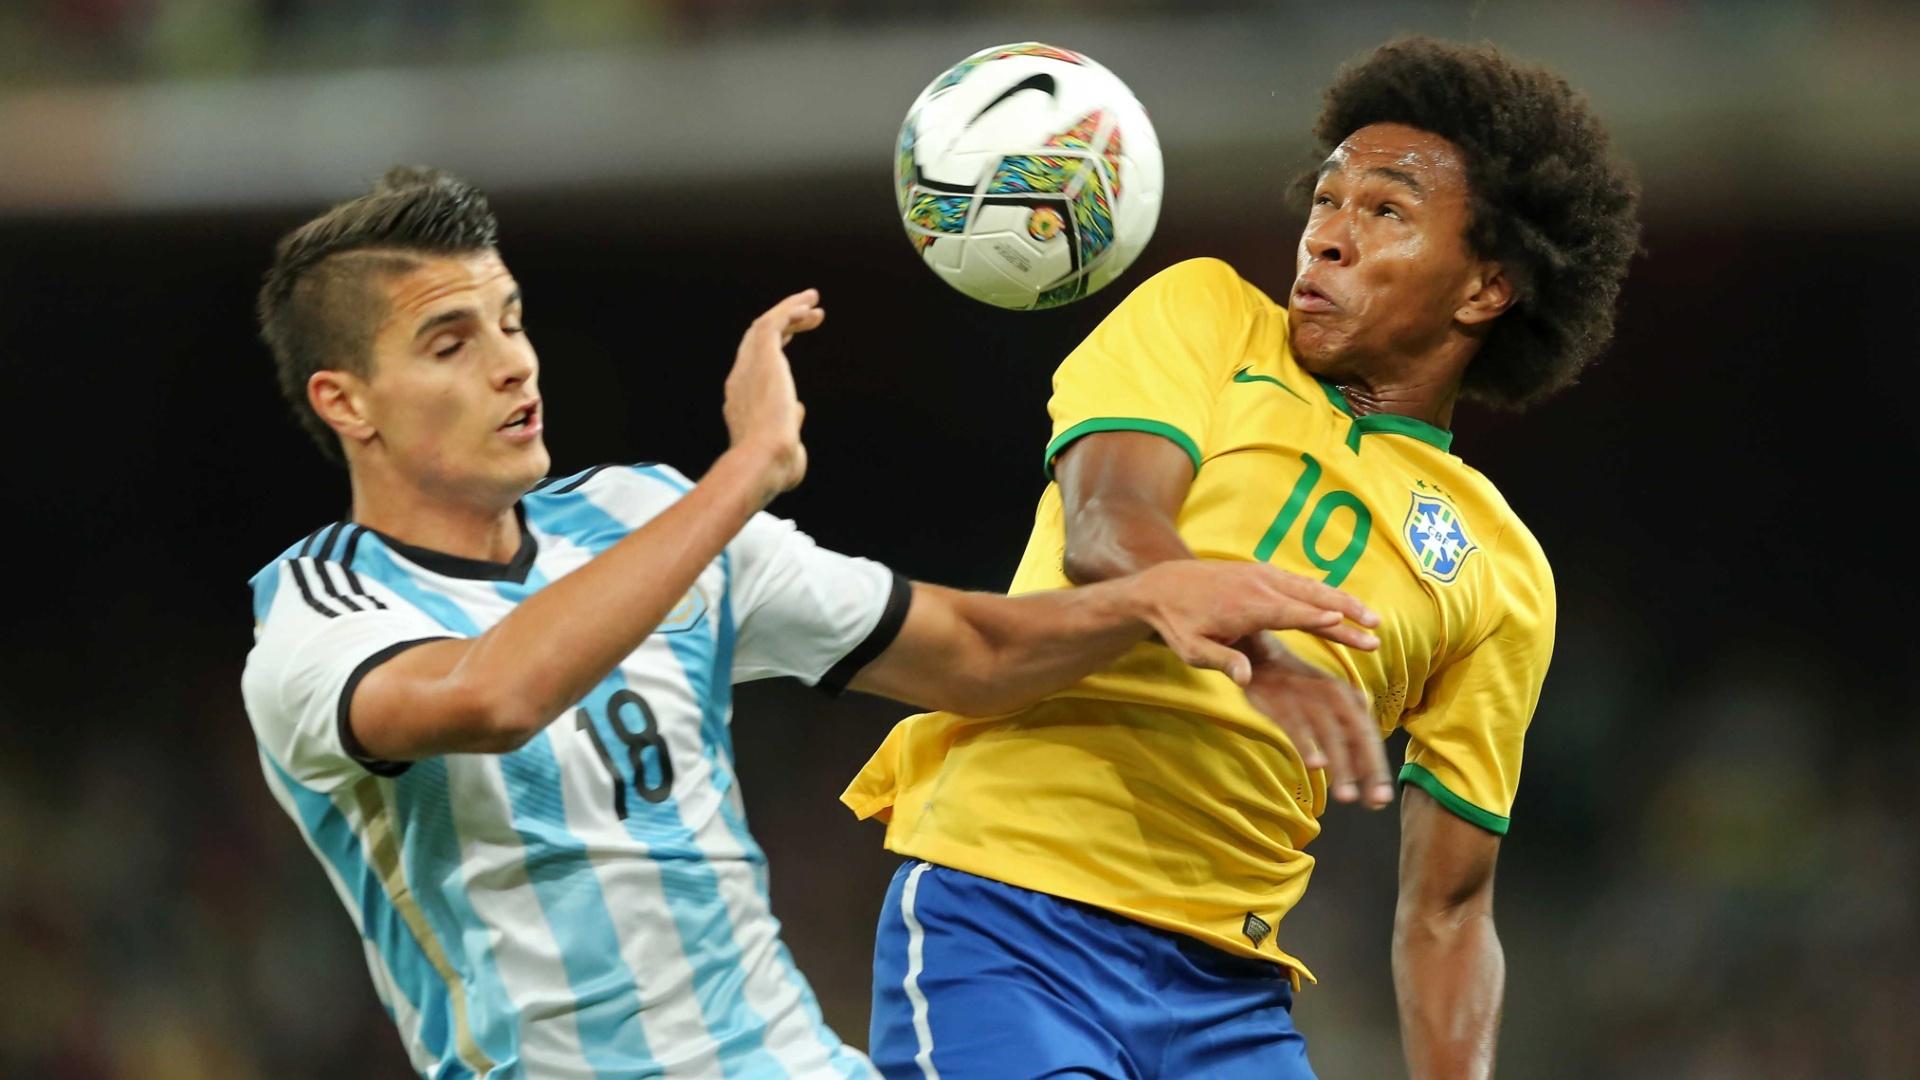 Willian, meia da seleção, sobe para brigar de cabeça com Lamela, da Argentina, no Superclássico das Américas, em Pequim